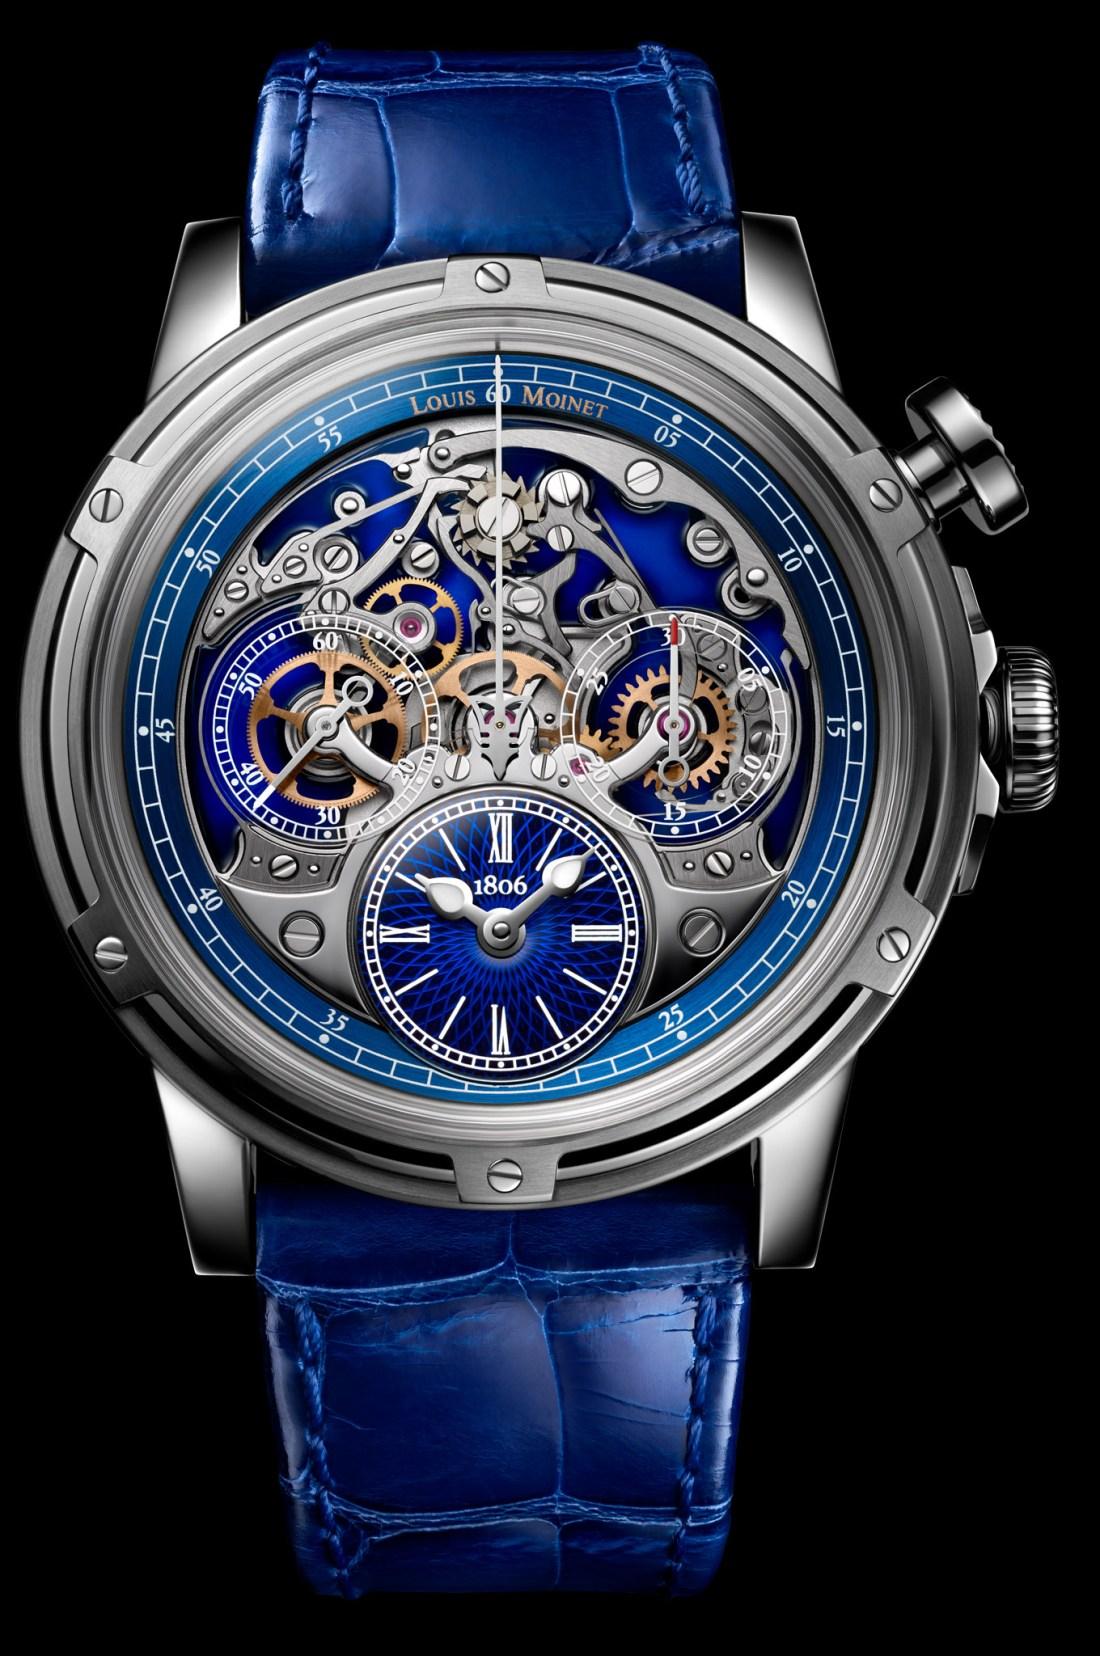 Reloj memoris con correas azules y caratula en color plateado con fondo negro